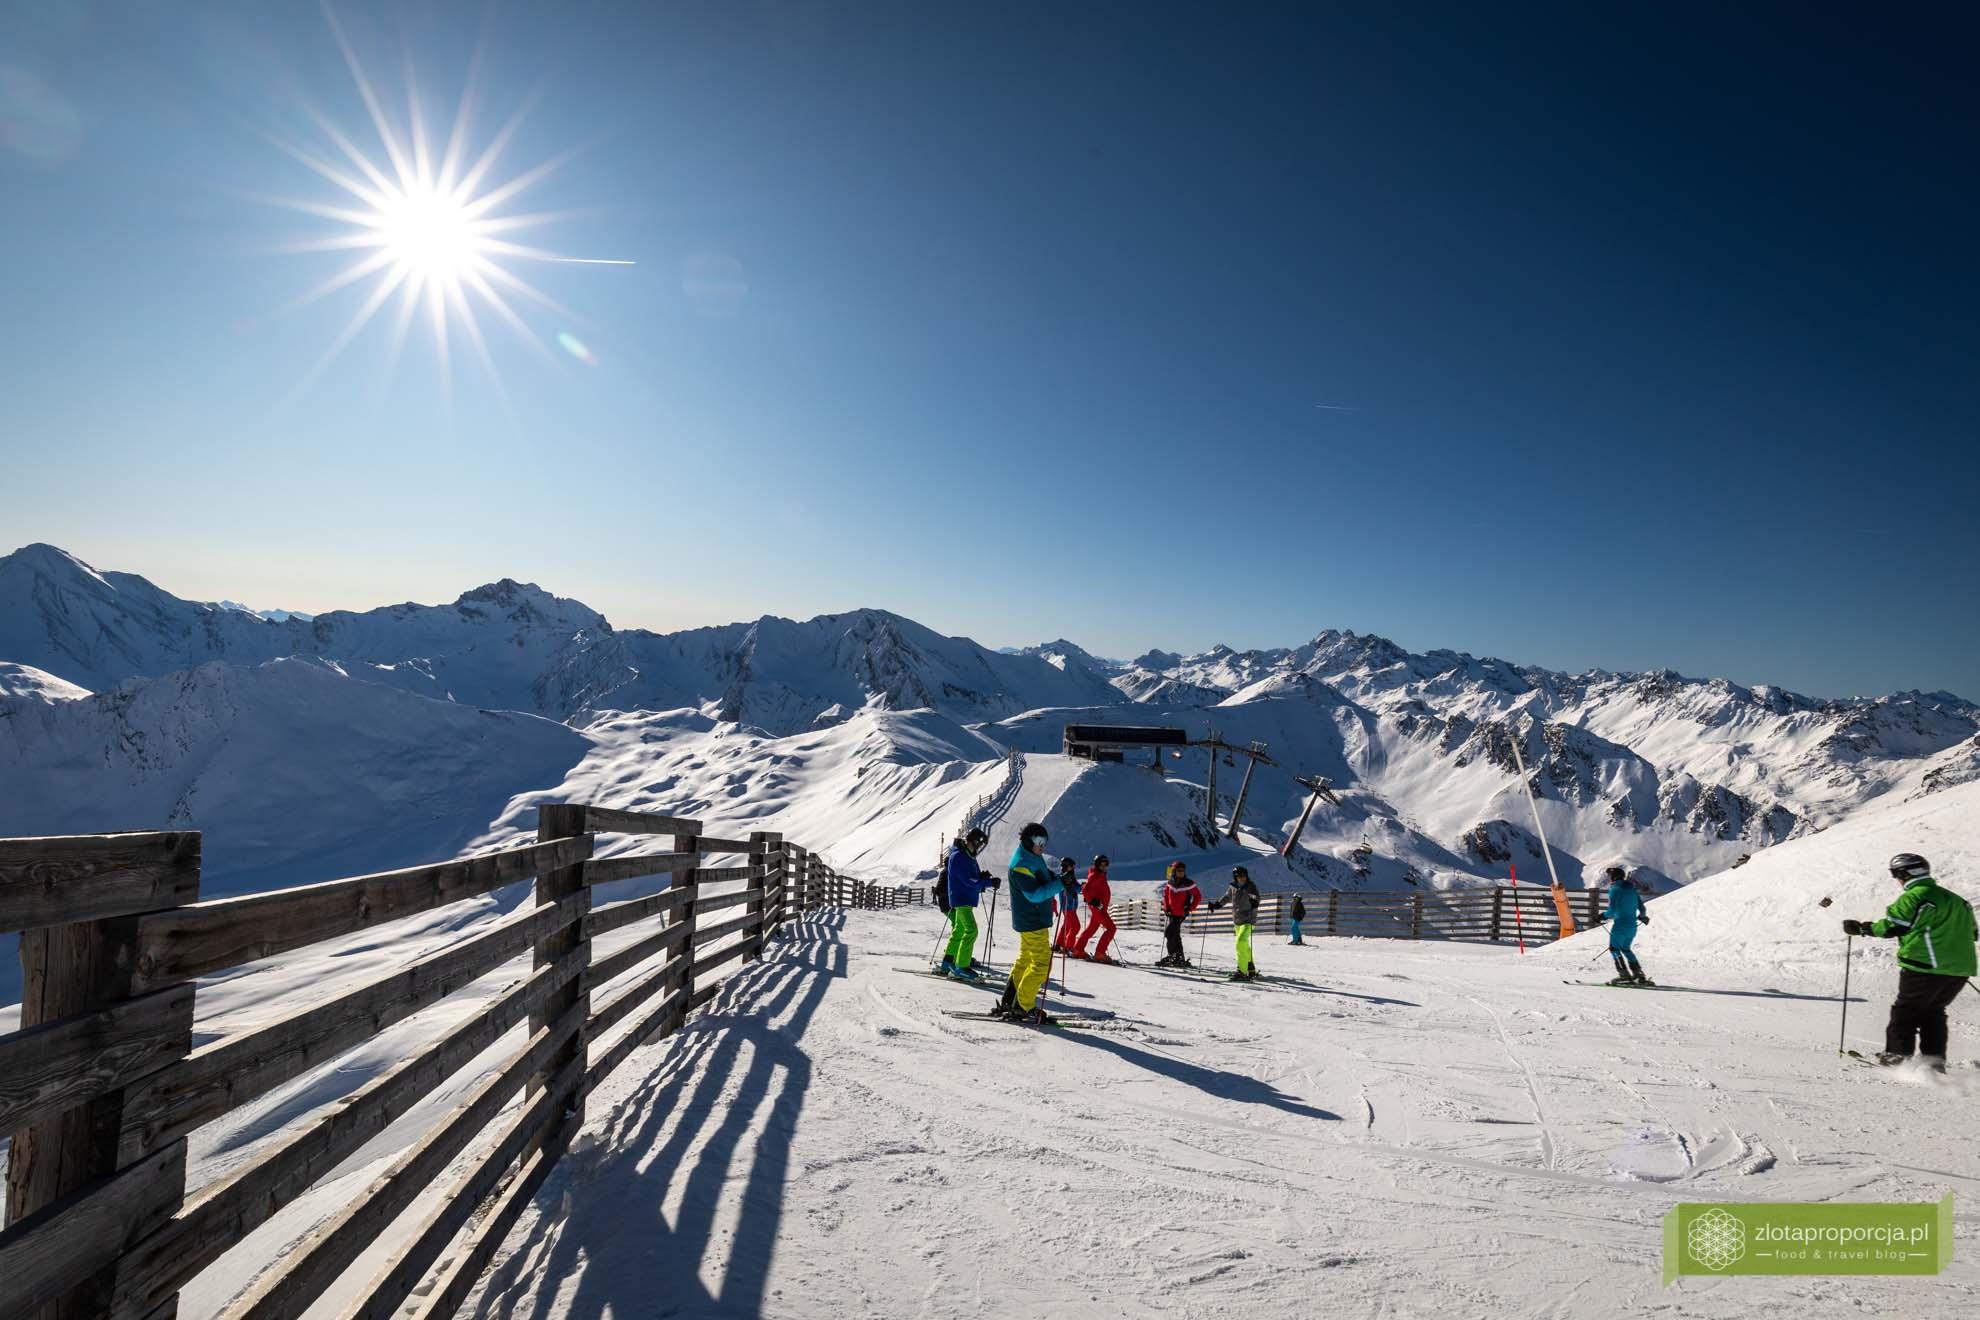 Ischgl; Tyrol; narty w Tyrolu; narty w Austrii; Ischgl trasy; Silvretta Arena; Ischgl narty; Greitspitz; najwyższy punkt Ischgl;